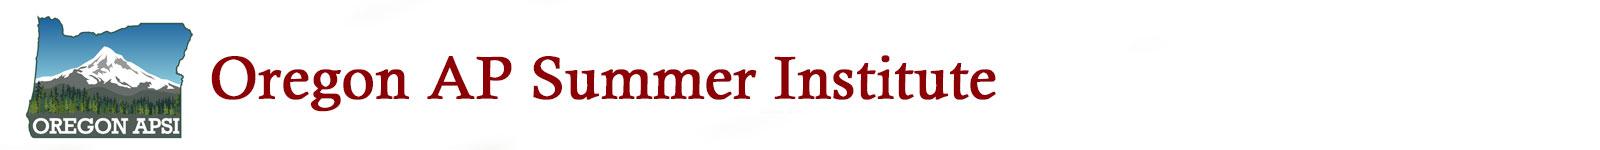 Oregon AP Summer Institute